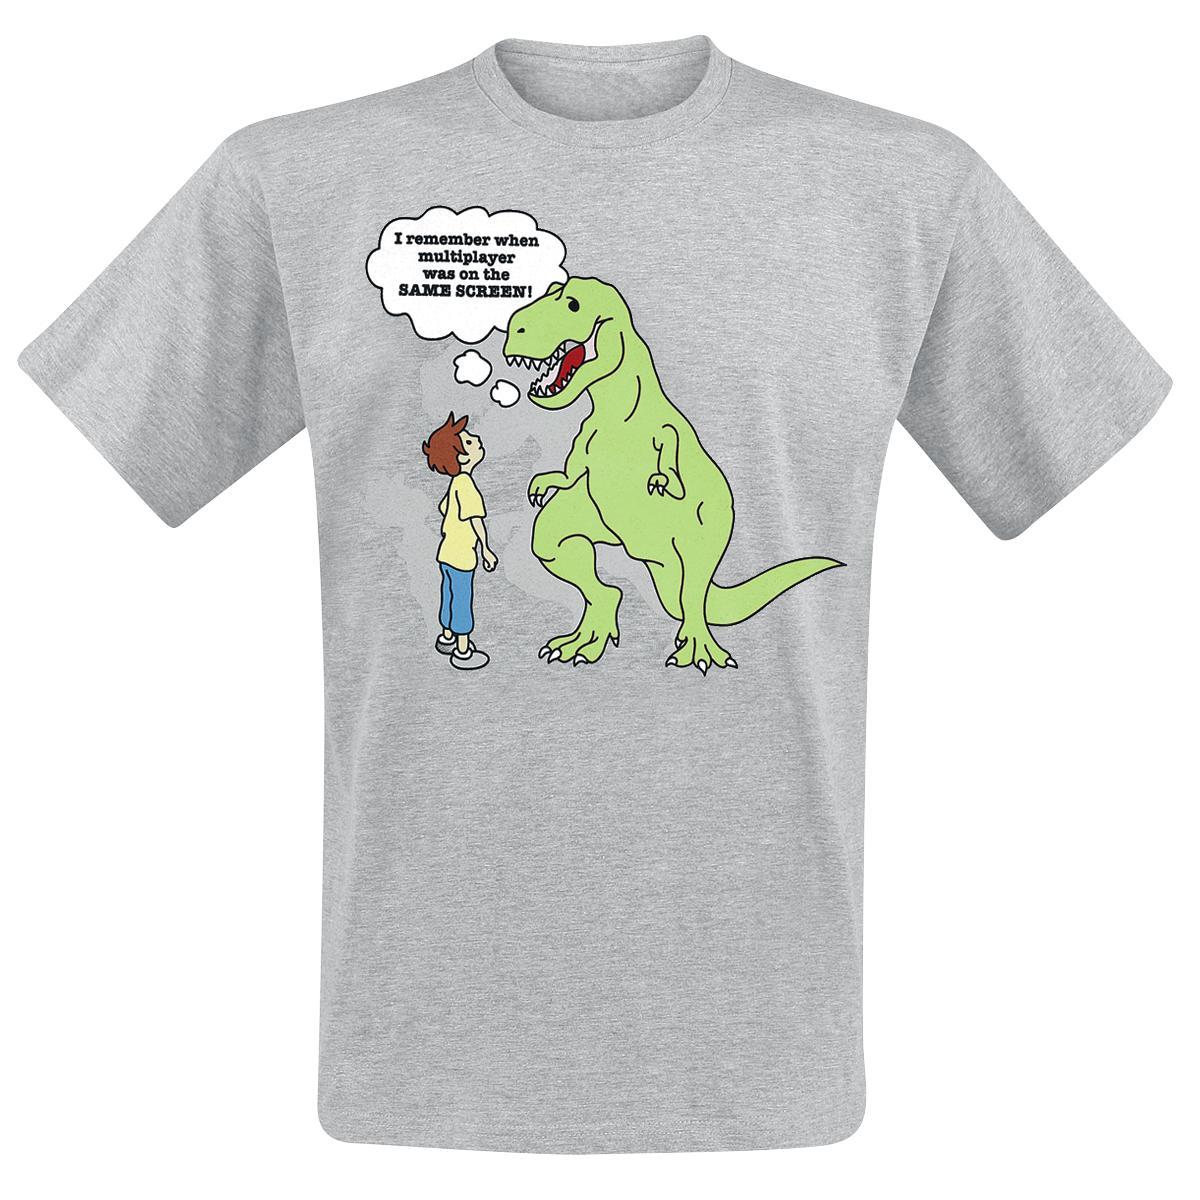 T-Rex T-shirt Design tee